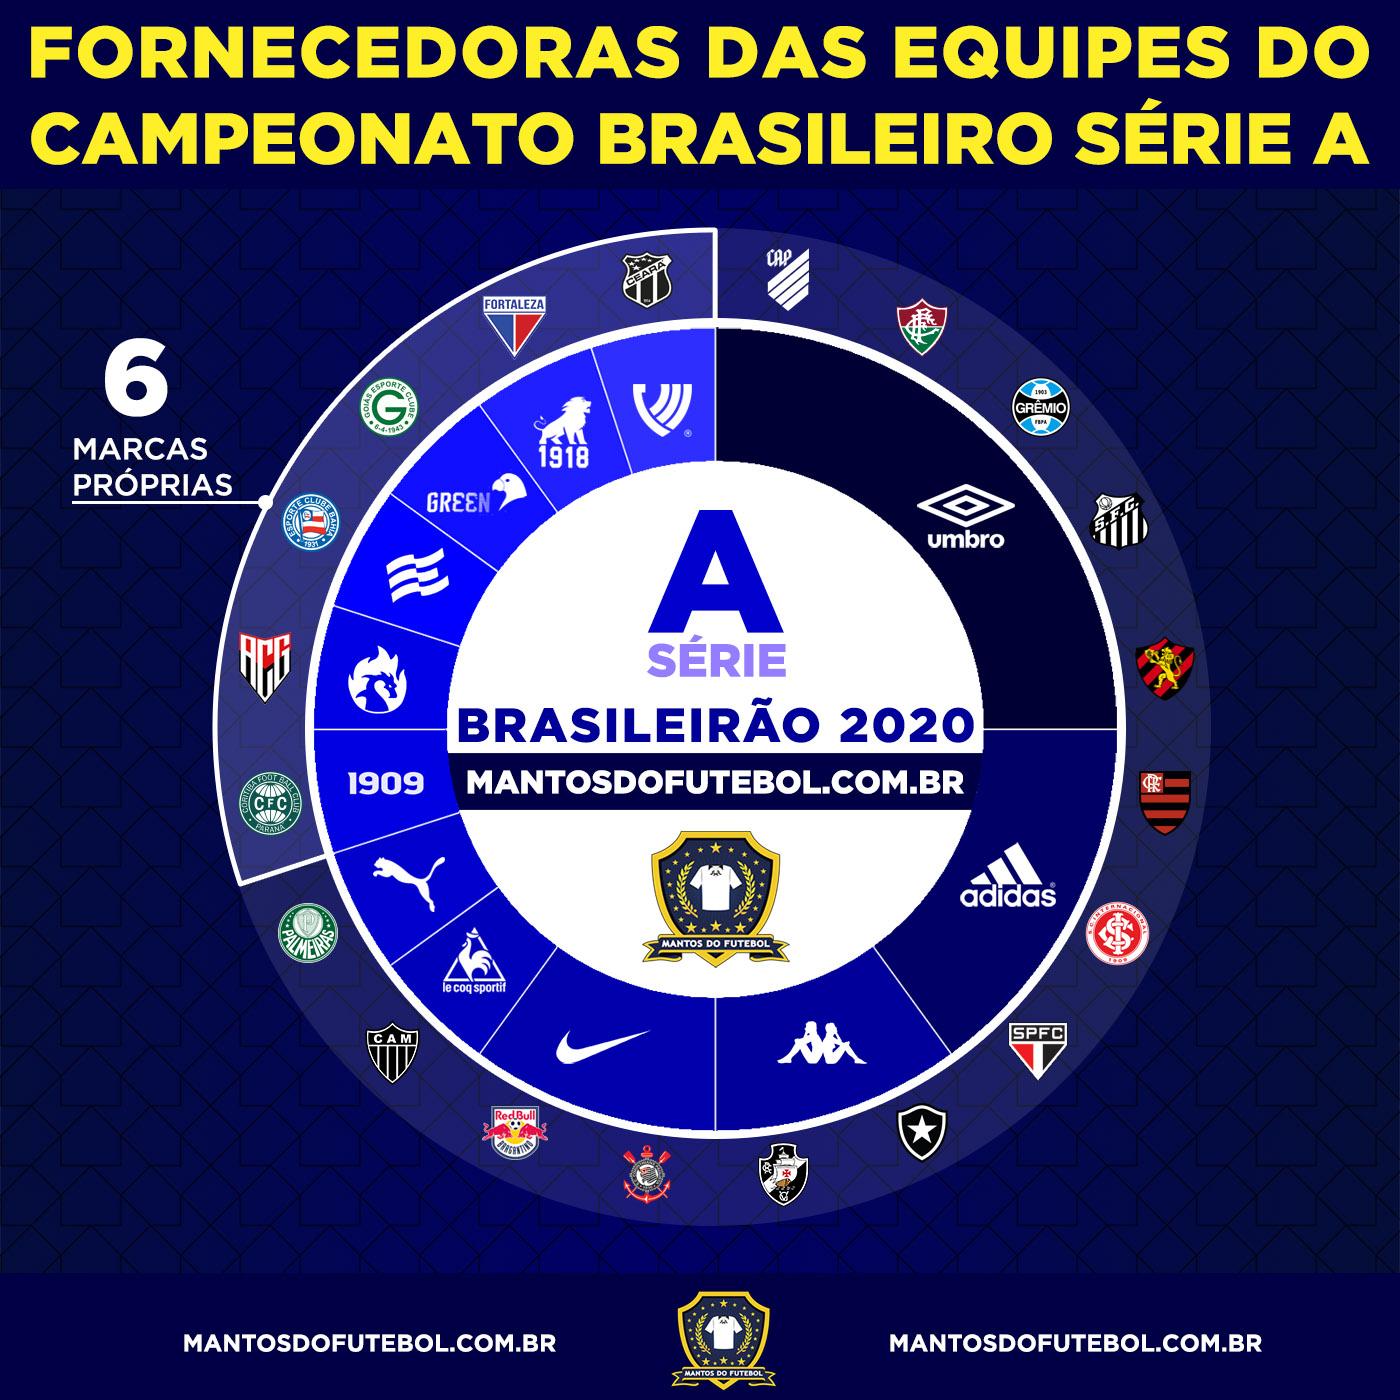 Fornecedoras BR 2020 A